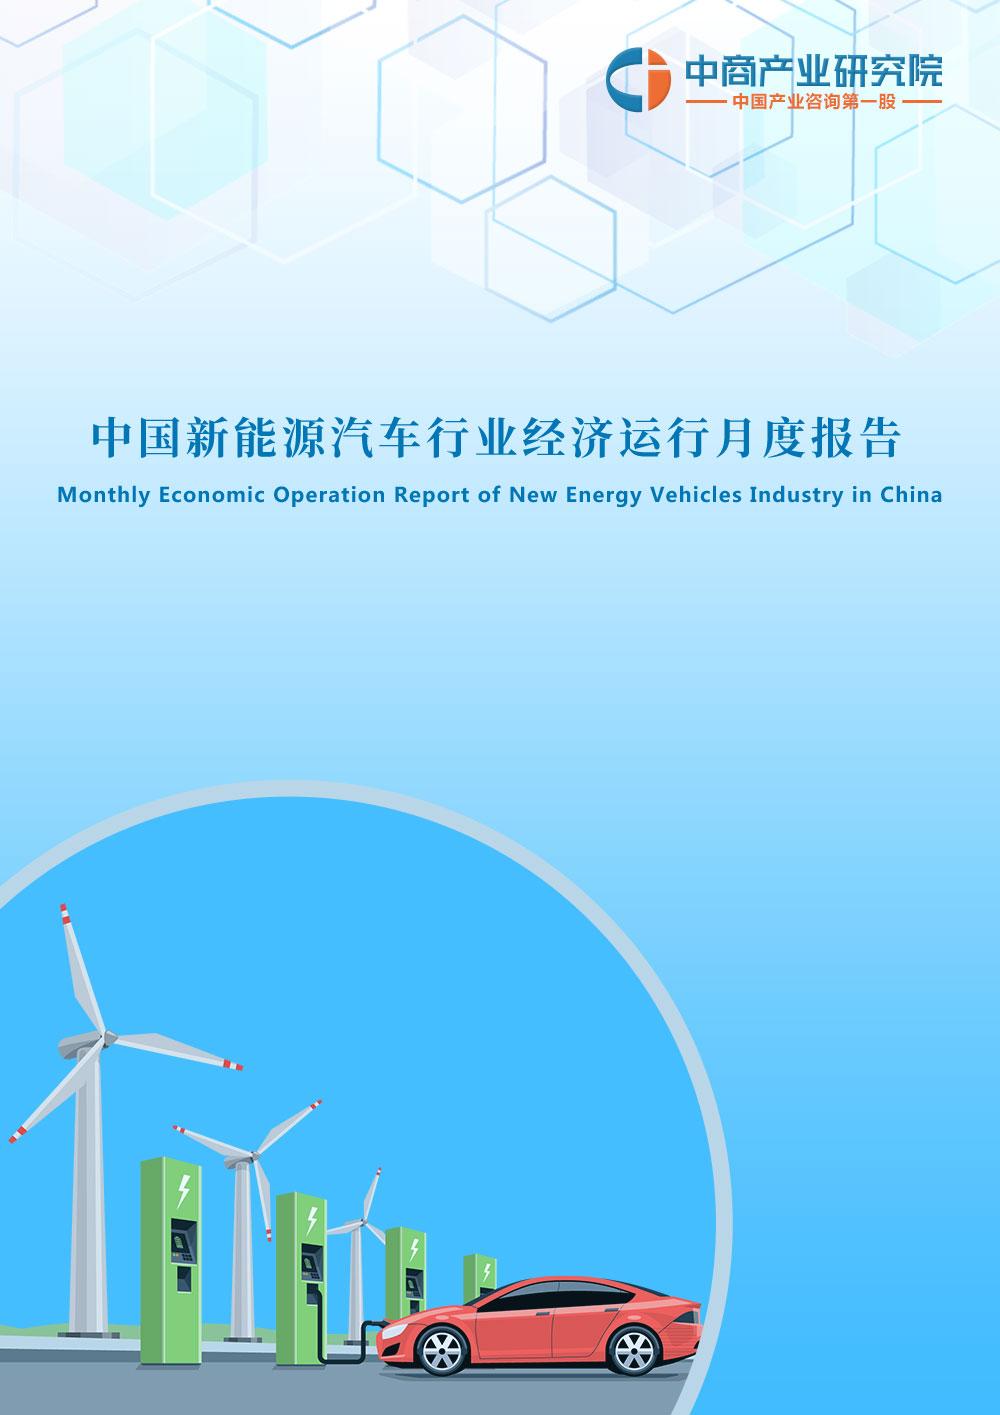 中国新能源汽车行业运行情况月度报告(2021年1-8月)